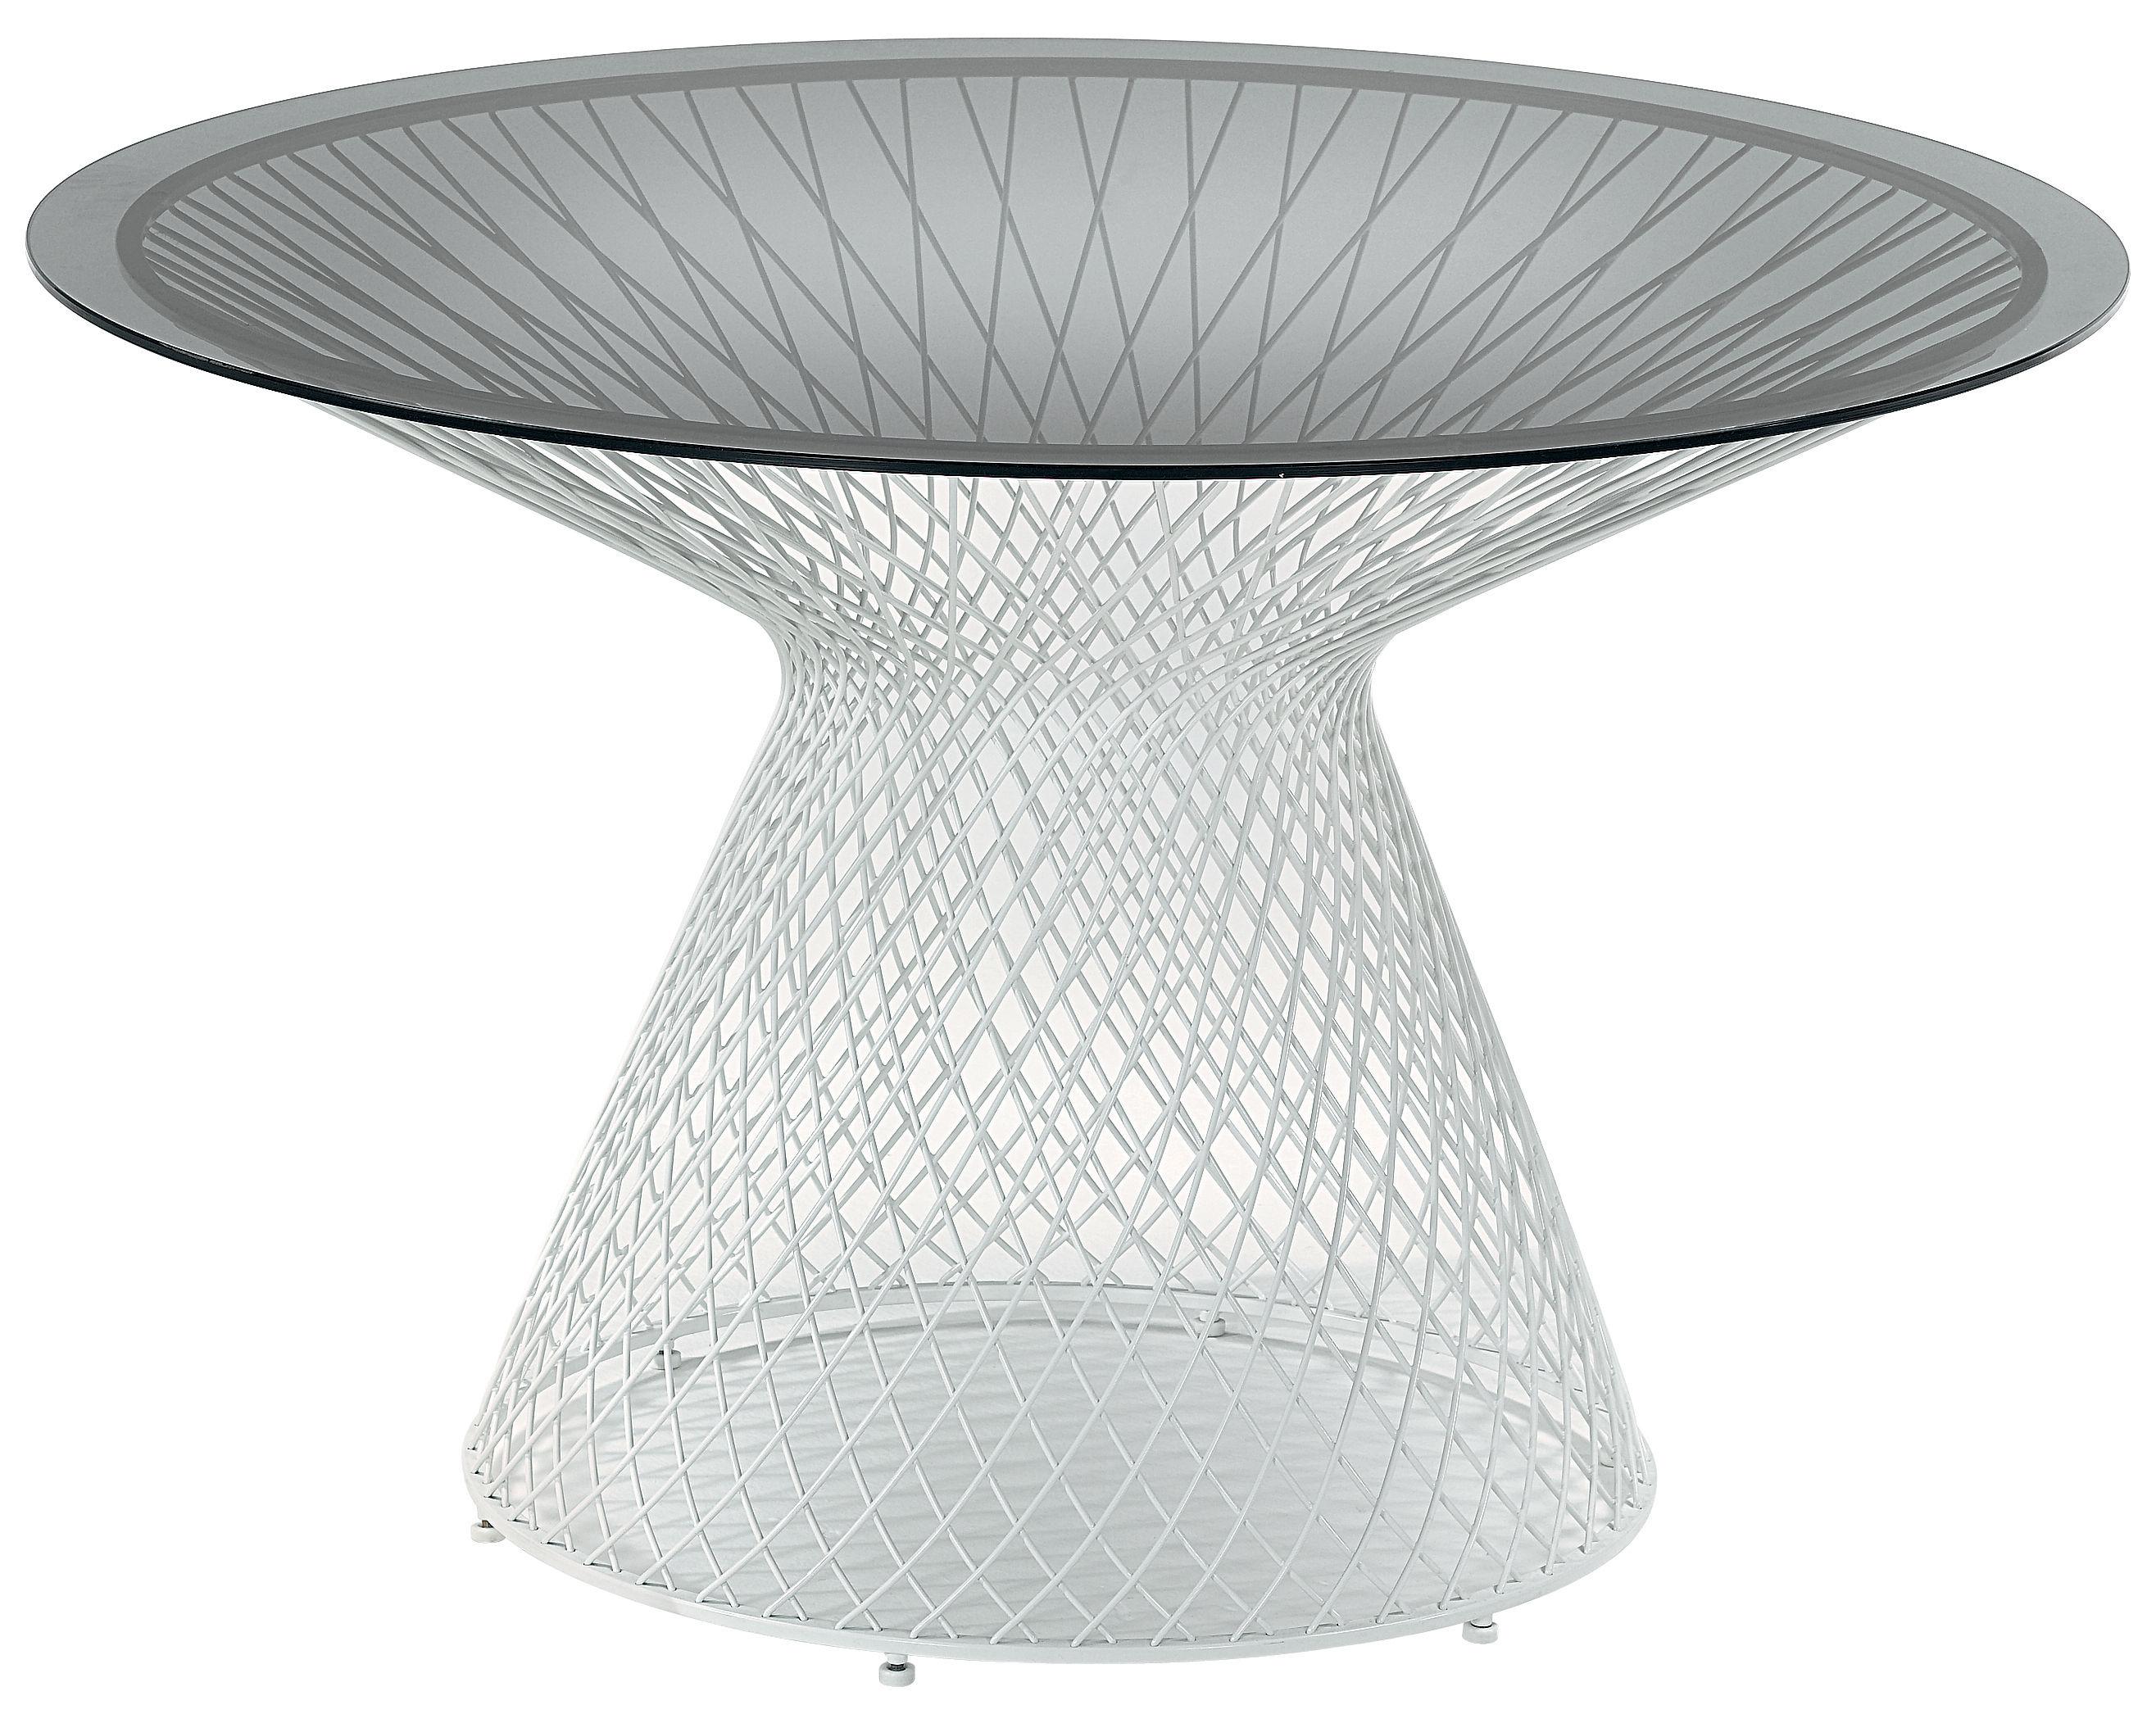 Outdoor - Tische - Heaven Runder Tisch Ø 120 cm - Emu - Weiß - Glas, Stahl